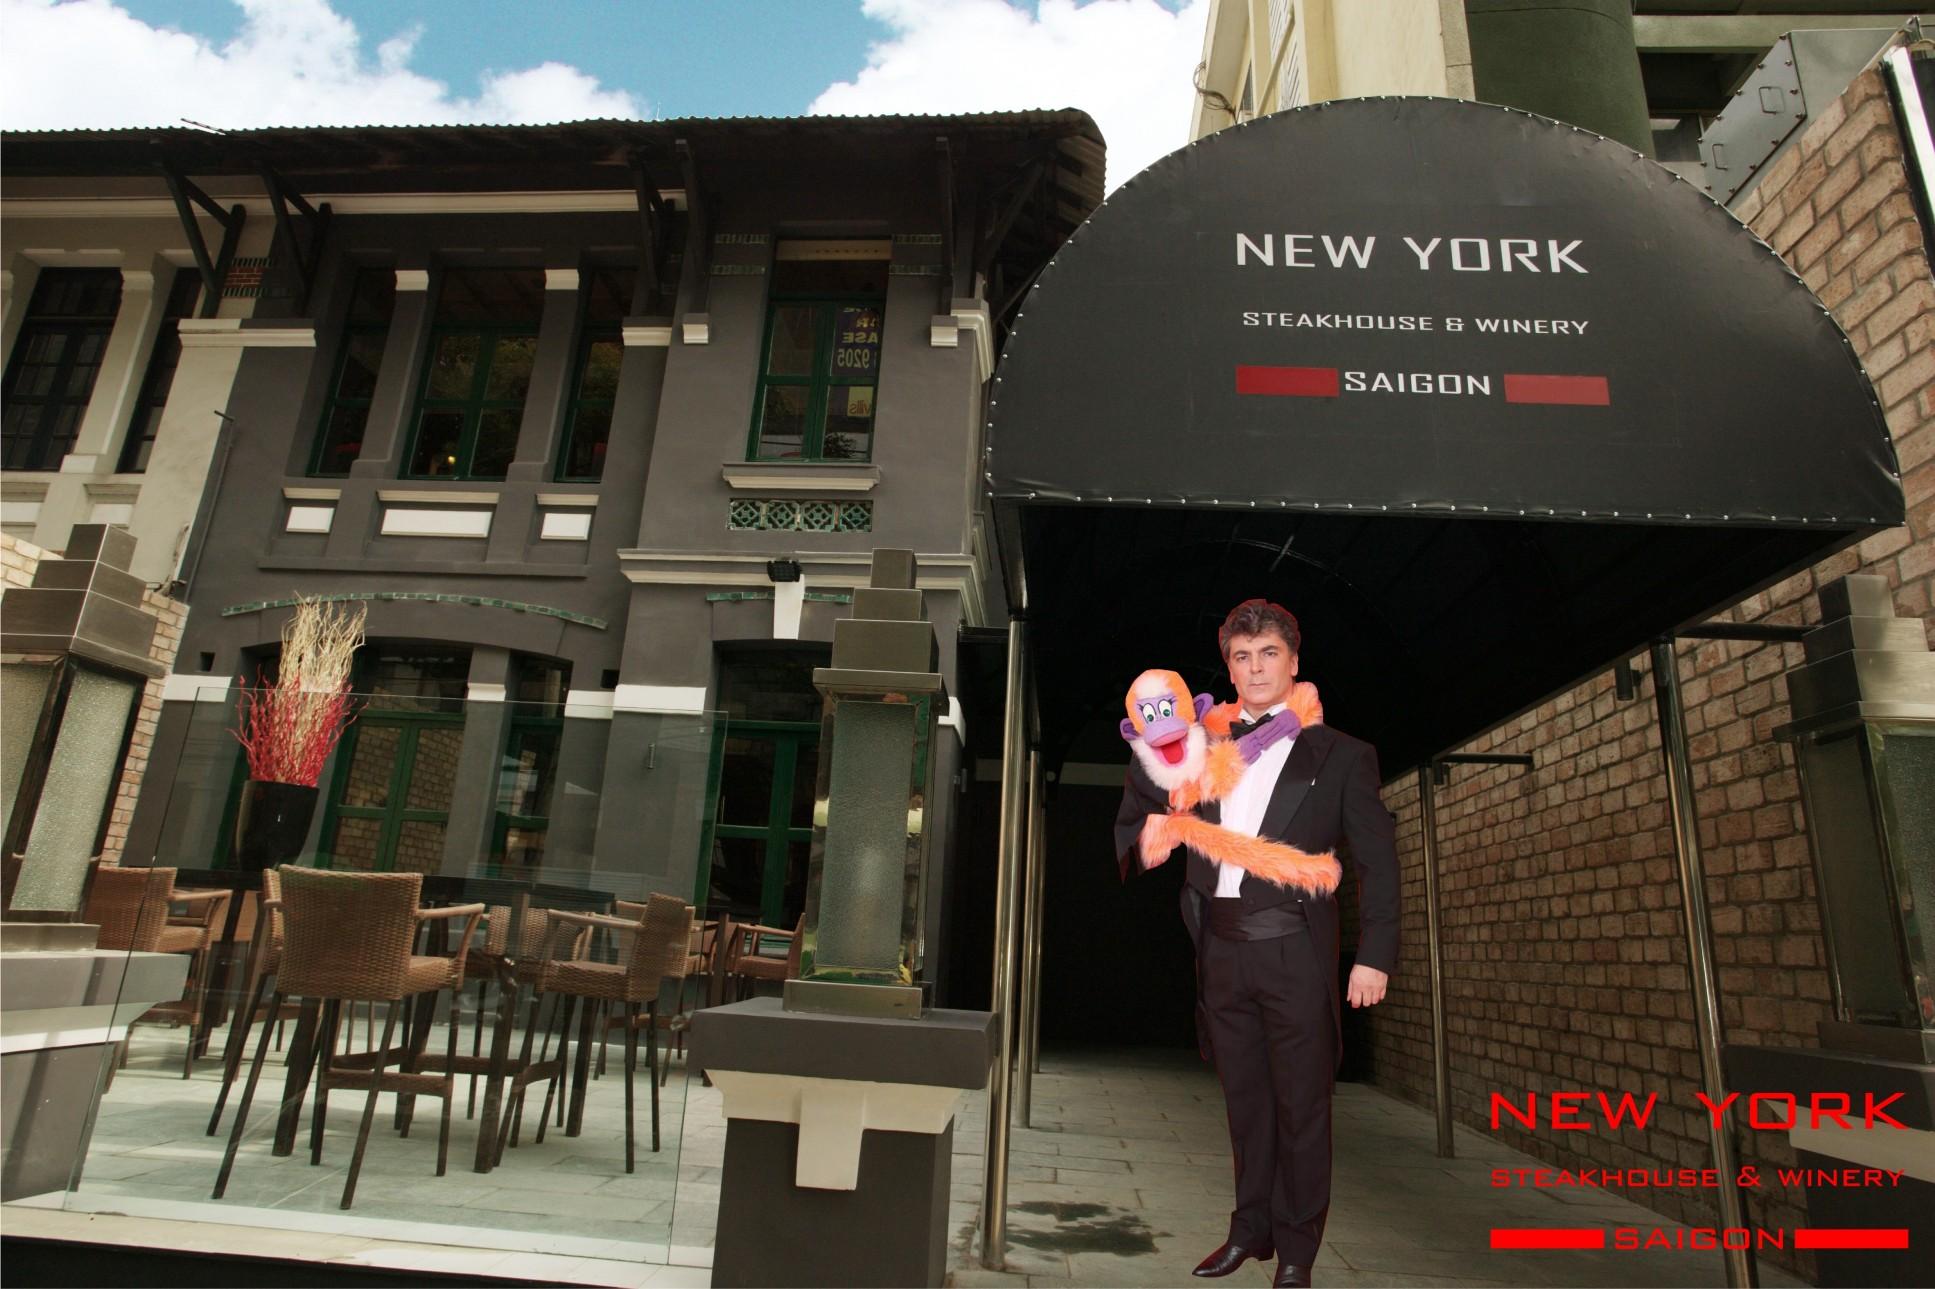 American Festival at New York Steakhouse, starting Sept 3